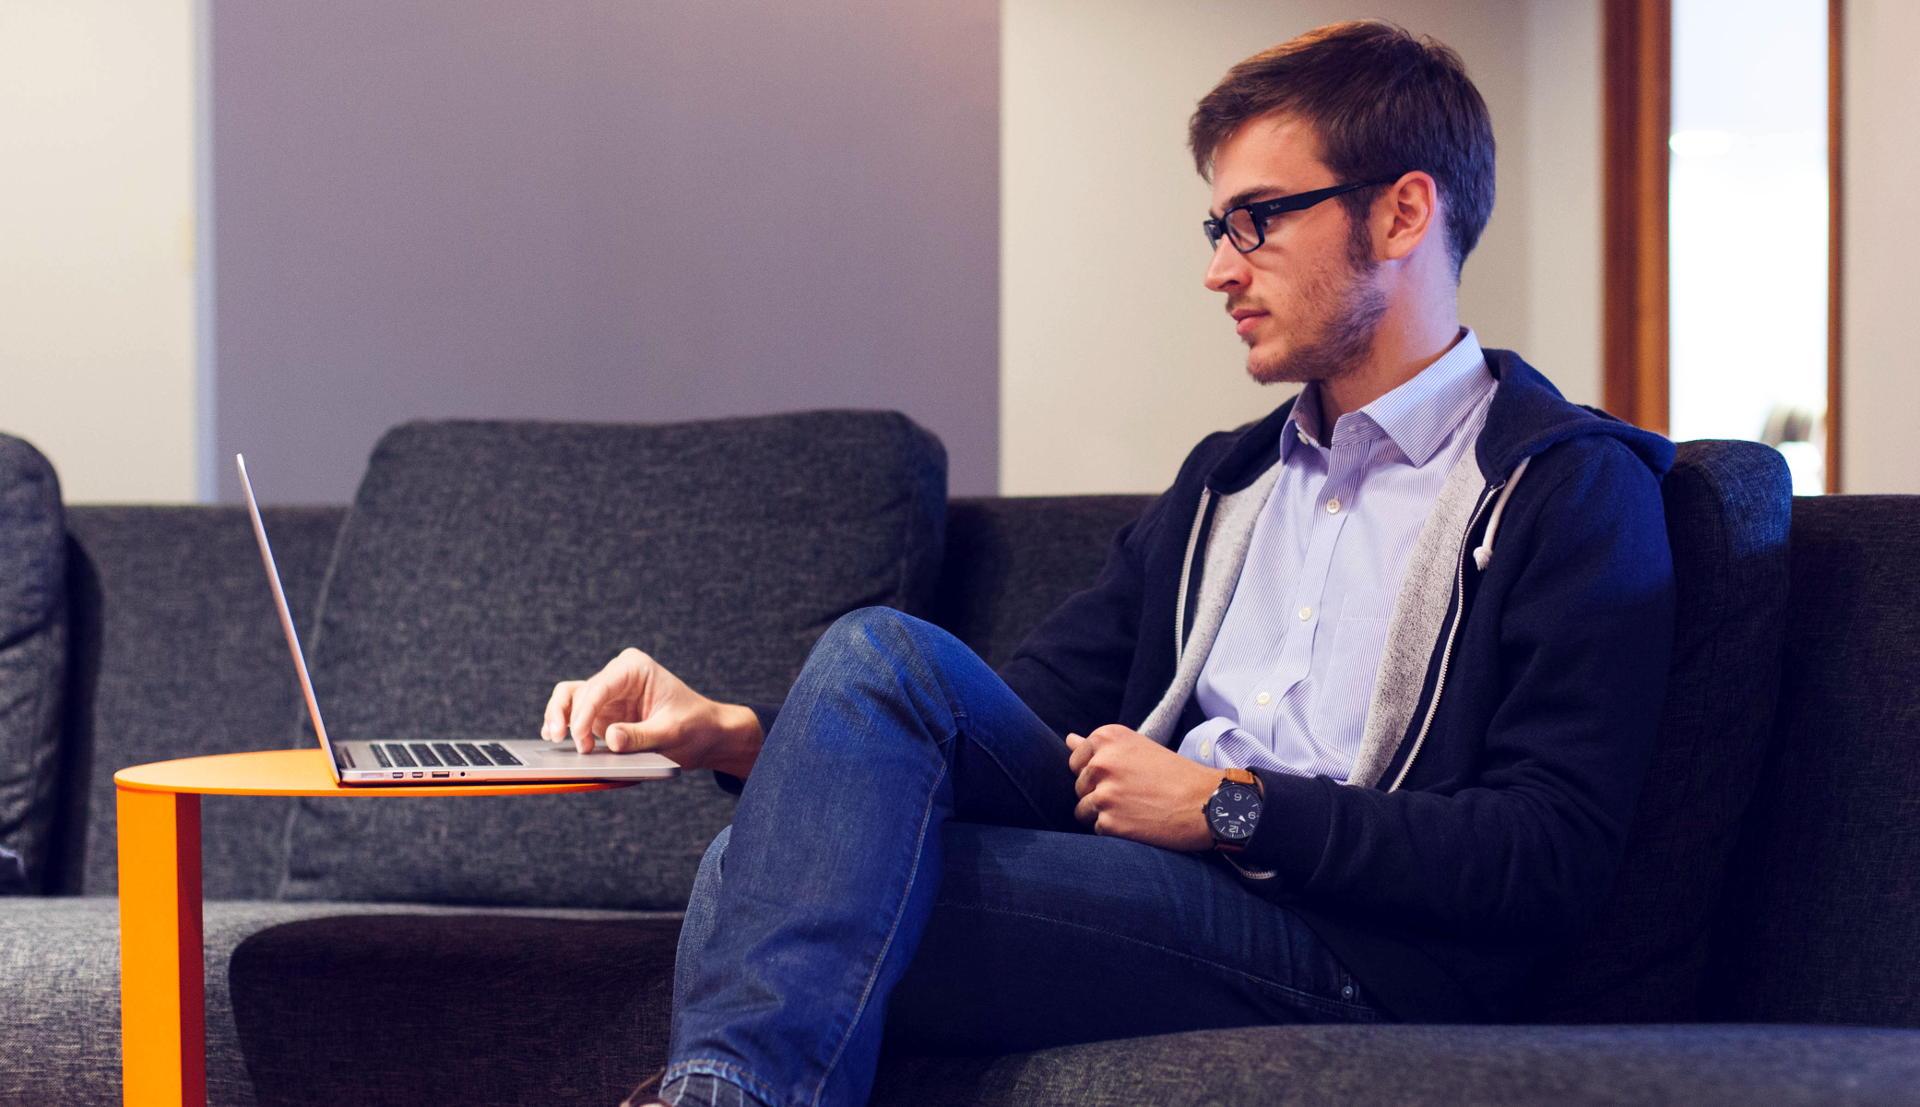 Realice sus pagos desde la comodidad de su casa de forma sencilla, confiable y segura.